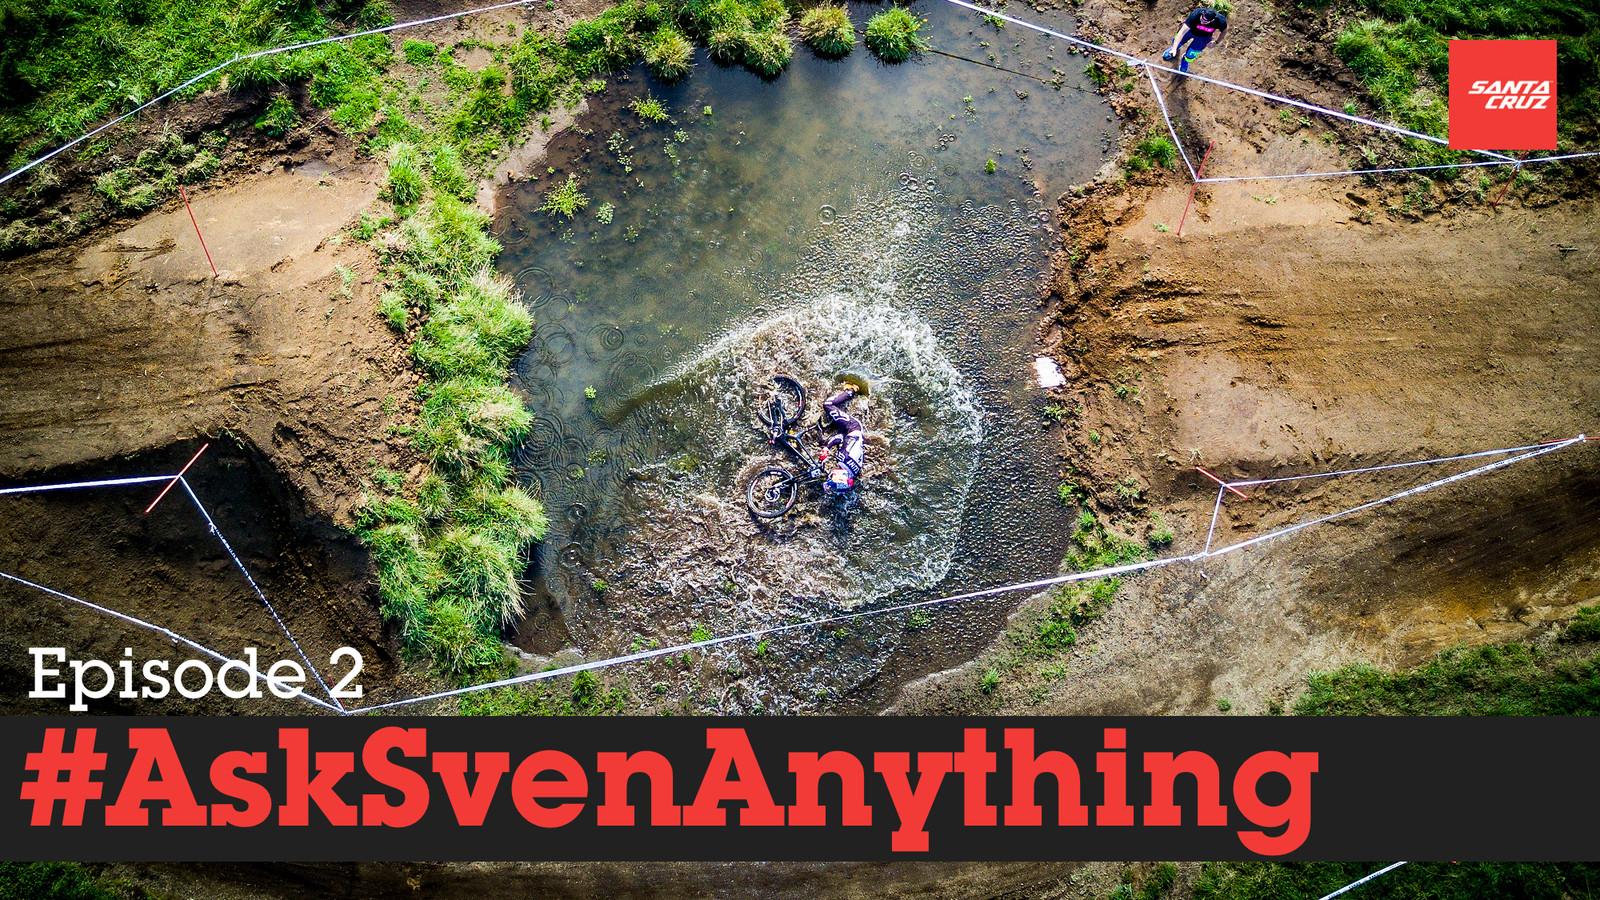 #AskSvenAnything - Episode 2